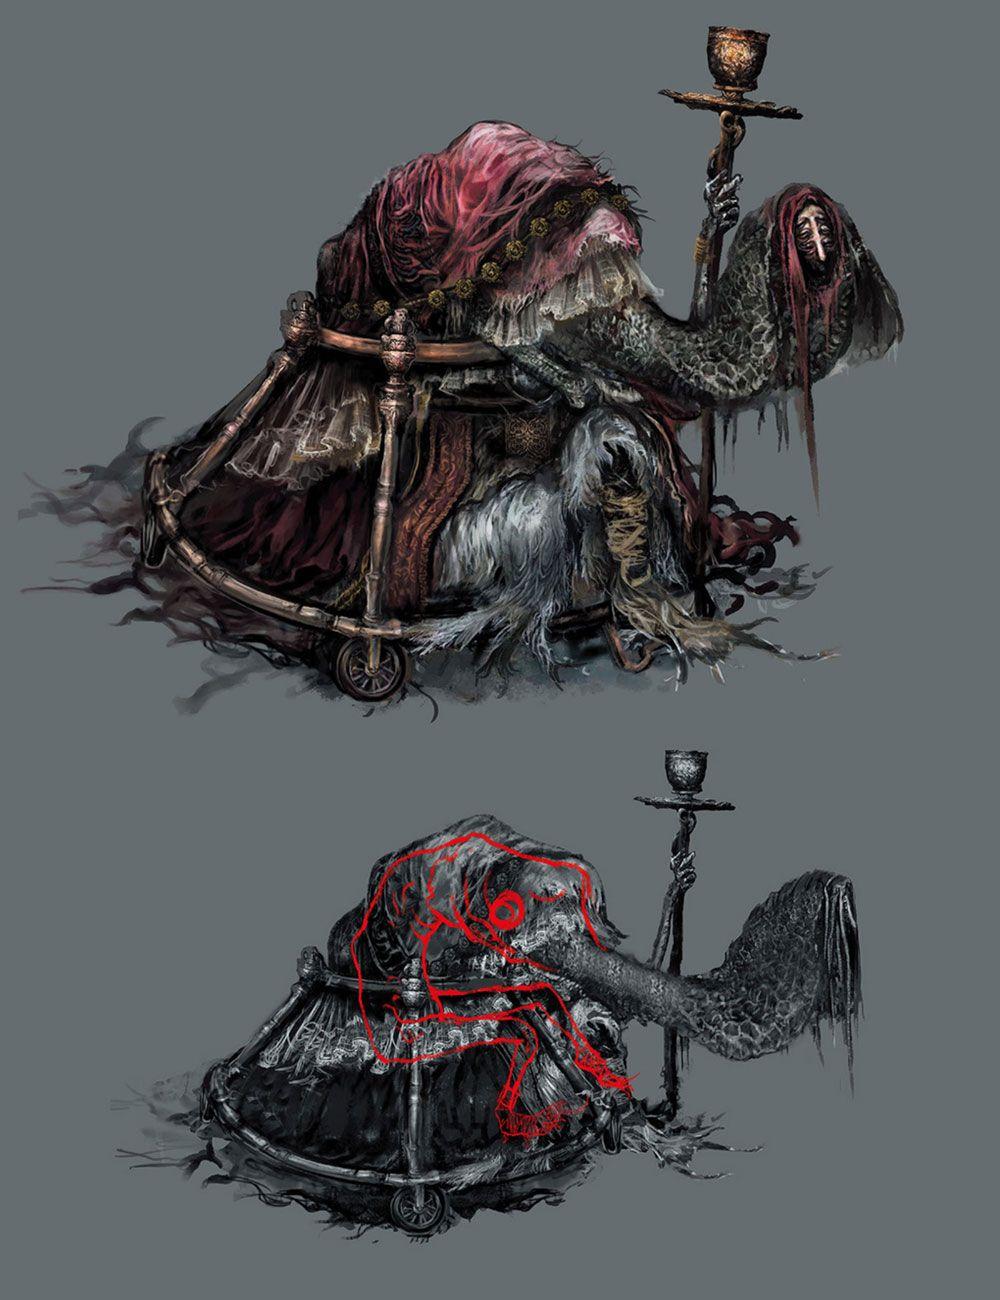 Man Serpent Summoner From Dark Souls Iii Illustration Artwork